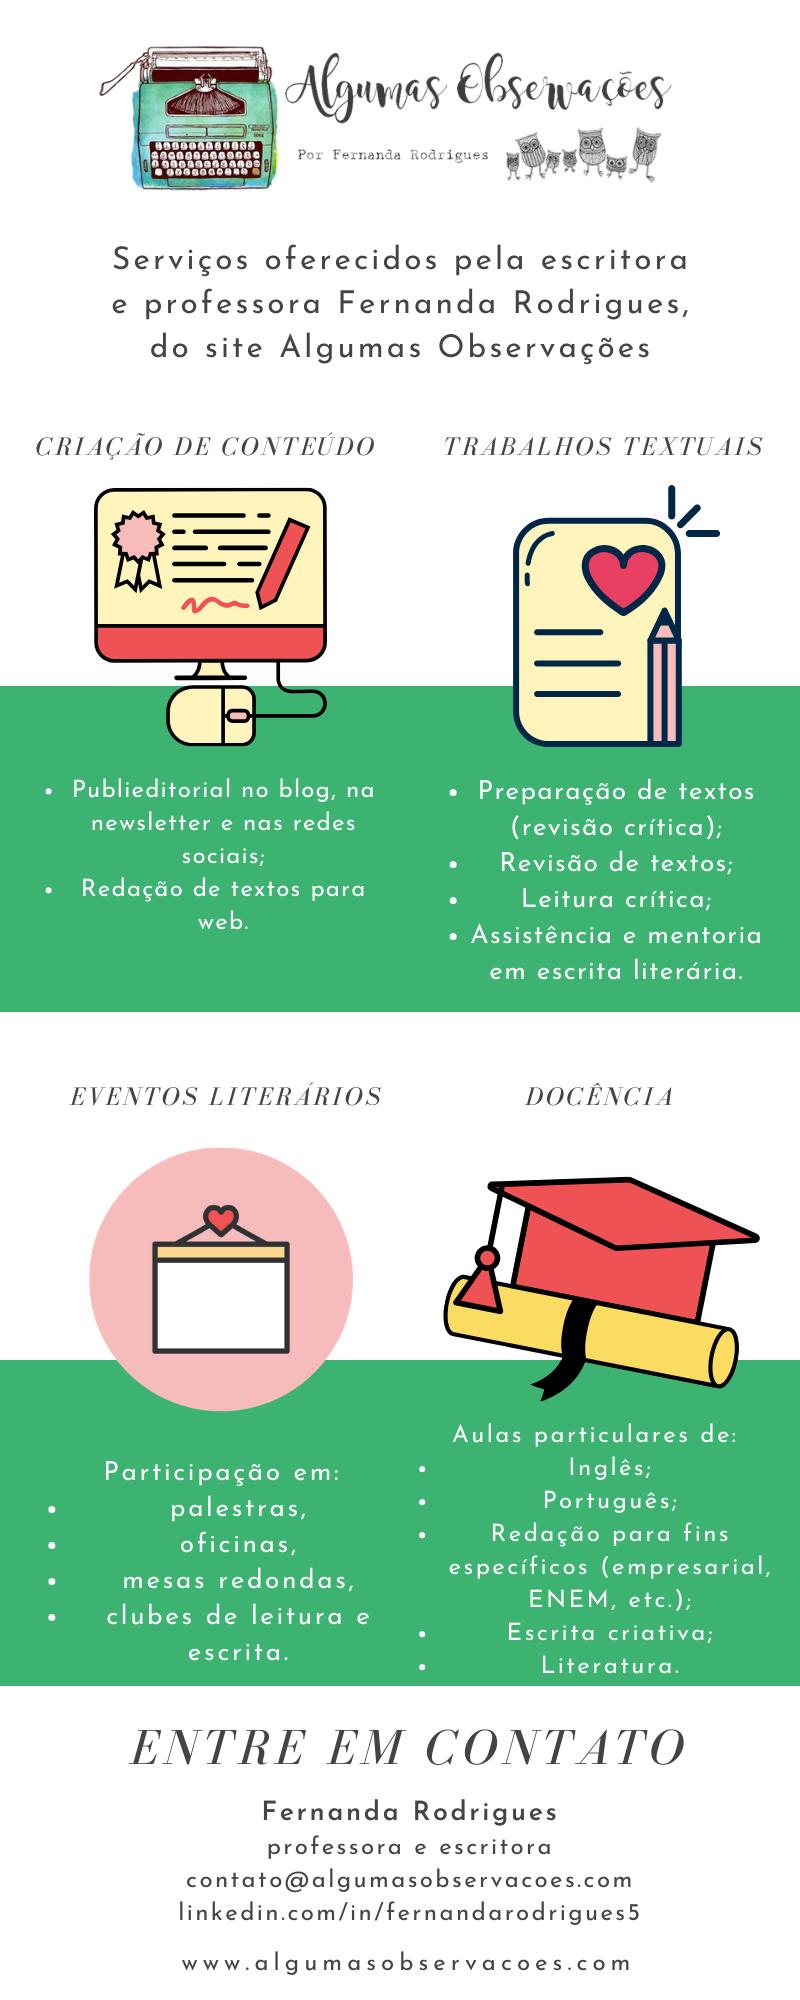 Infográfico com lista de serviços oferecidos pela escritora e professora Fernanda Rodrigues.